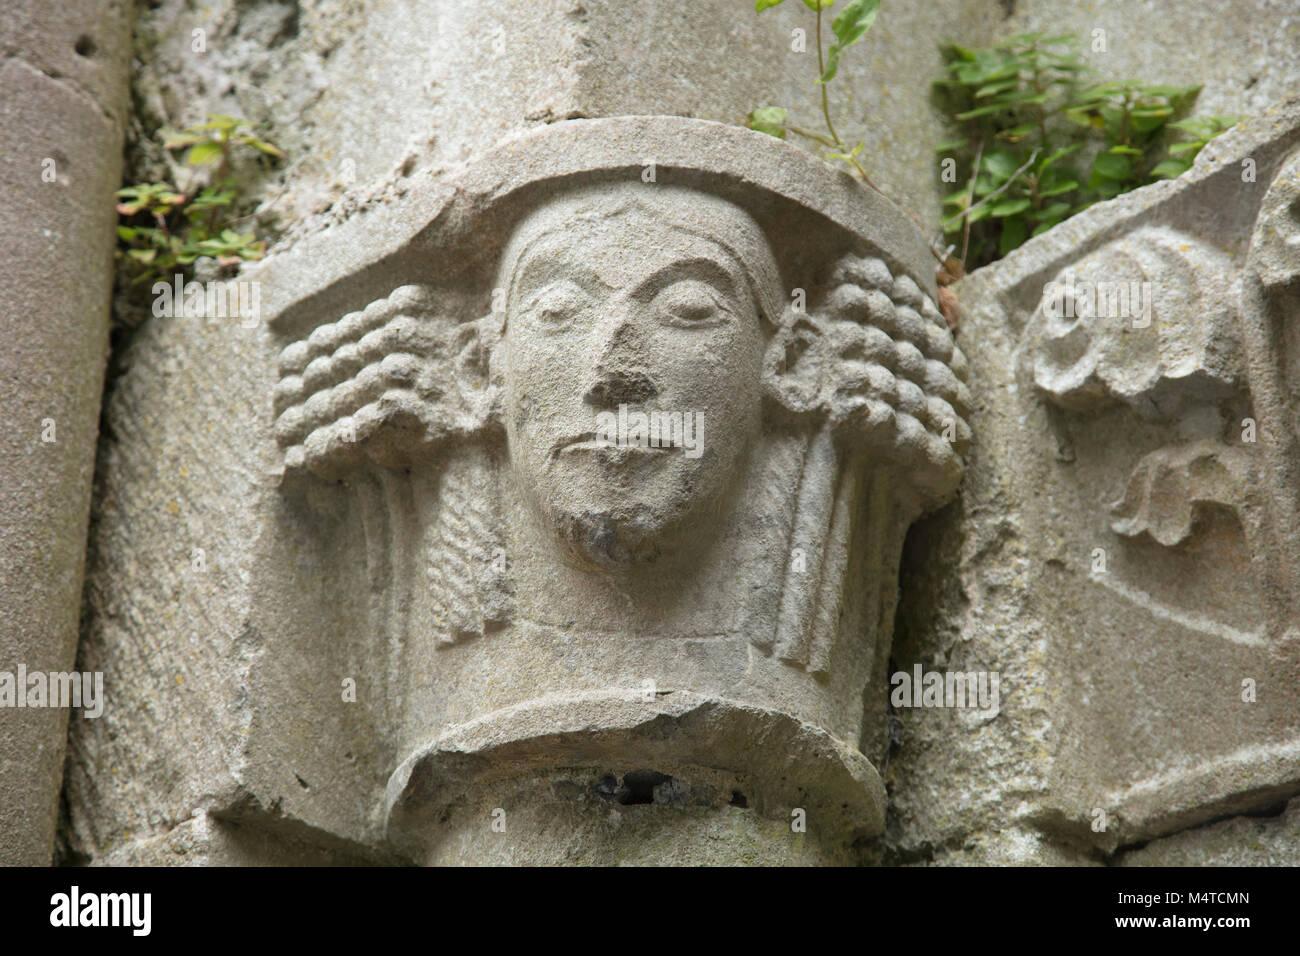 Steinbildhauerei im 13. Jahrhundert Corcomroe Abbey, County Clare, Irland. Stockfoto